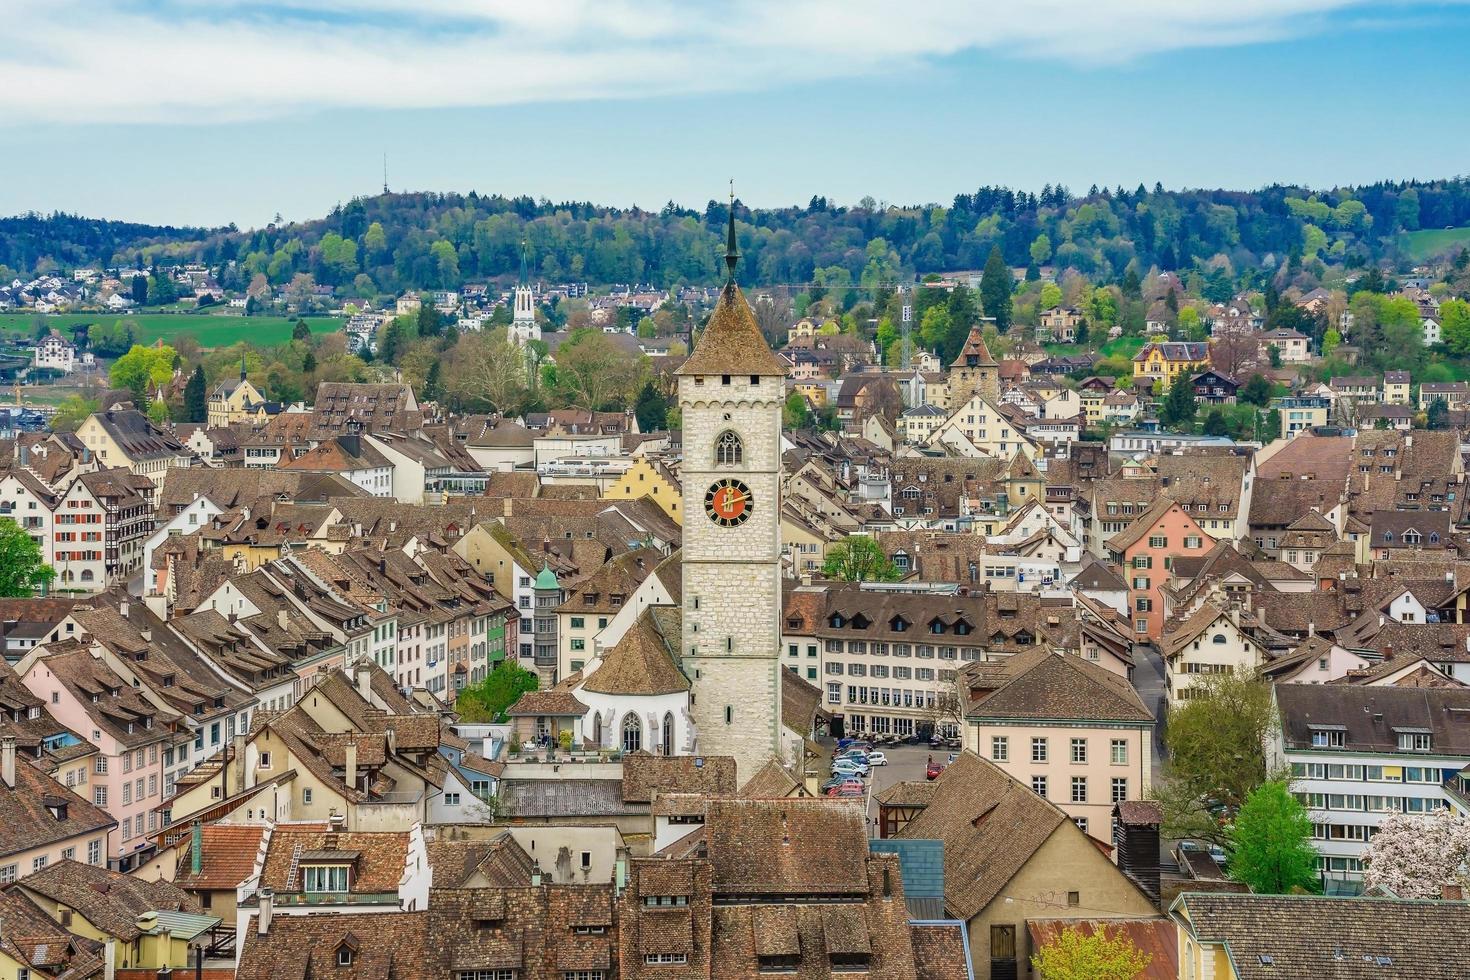 Vista panorámica del casco antiguo de Schaffhausen, Suiza foto